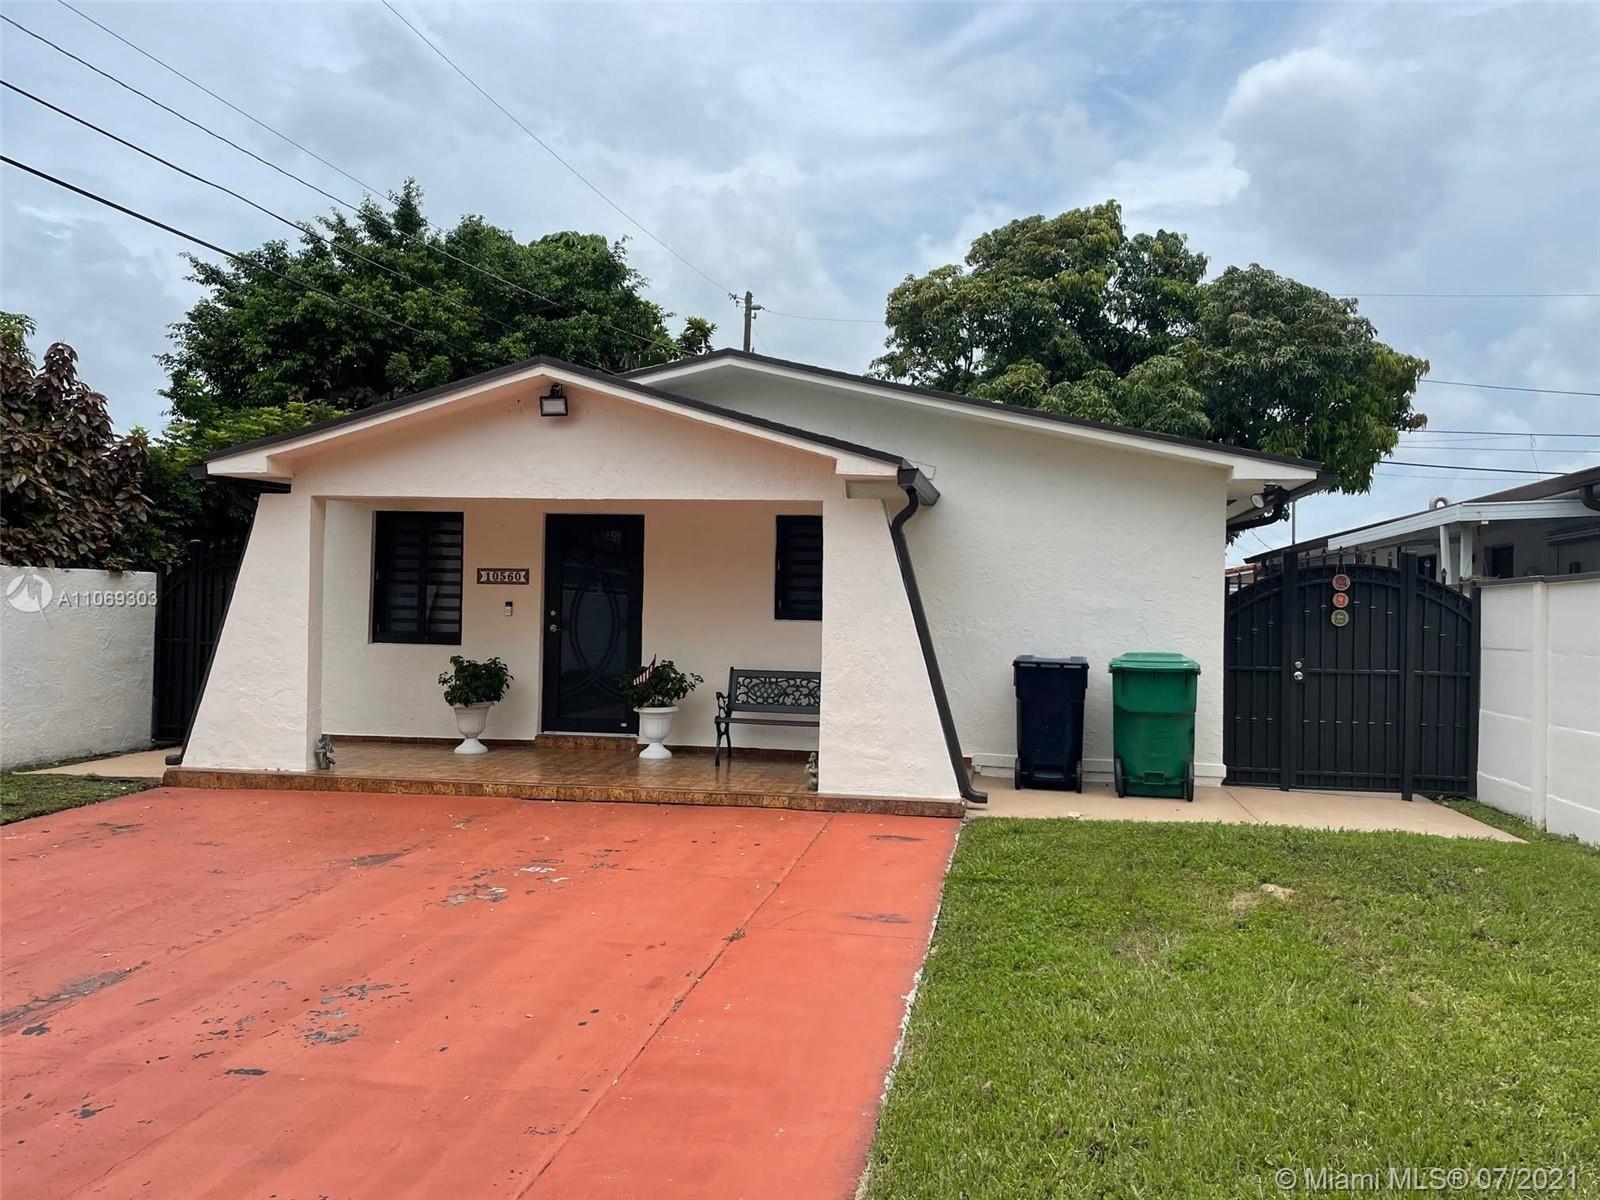 10560 SW 25th St, Miami, FL 33165 - #: A11069303